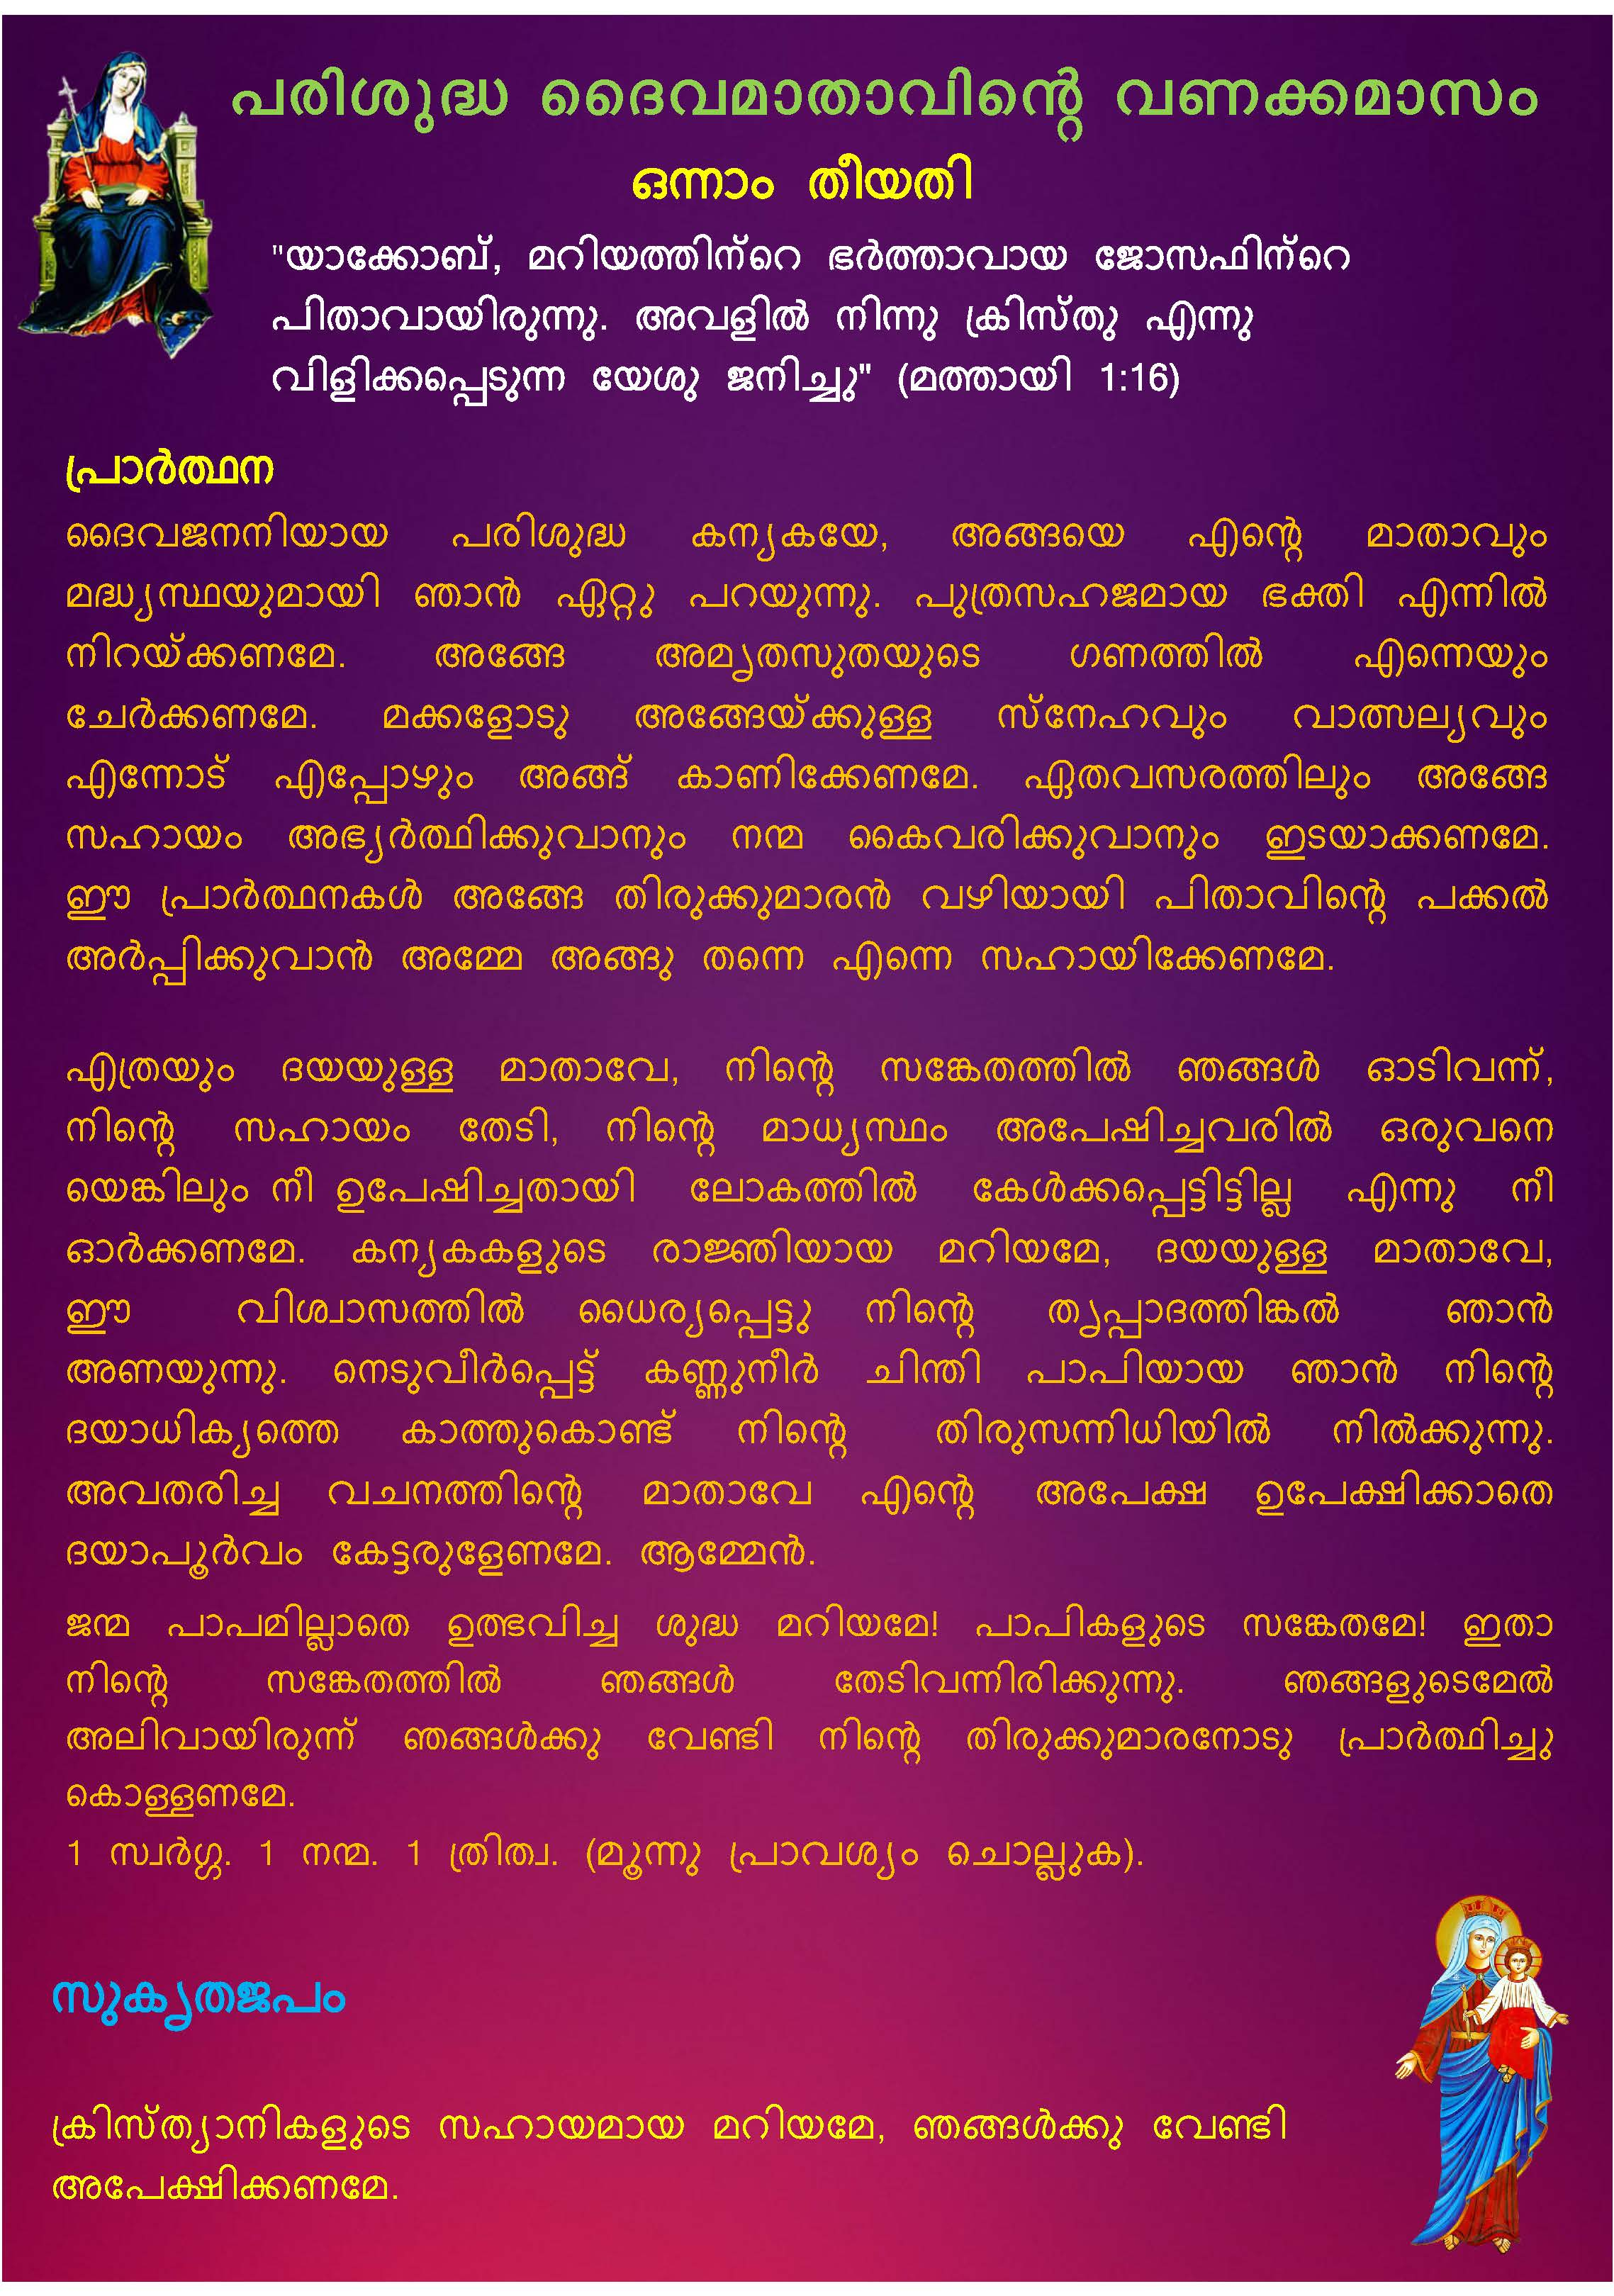 Mathavinte Vanakkamasam, May 01